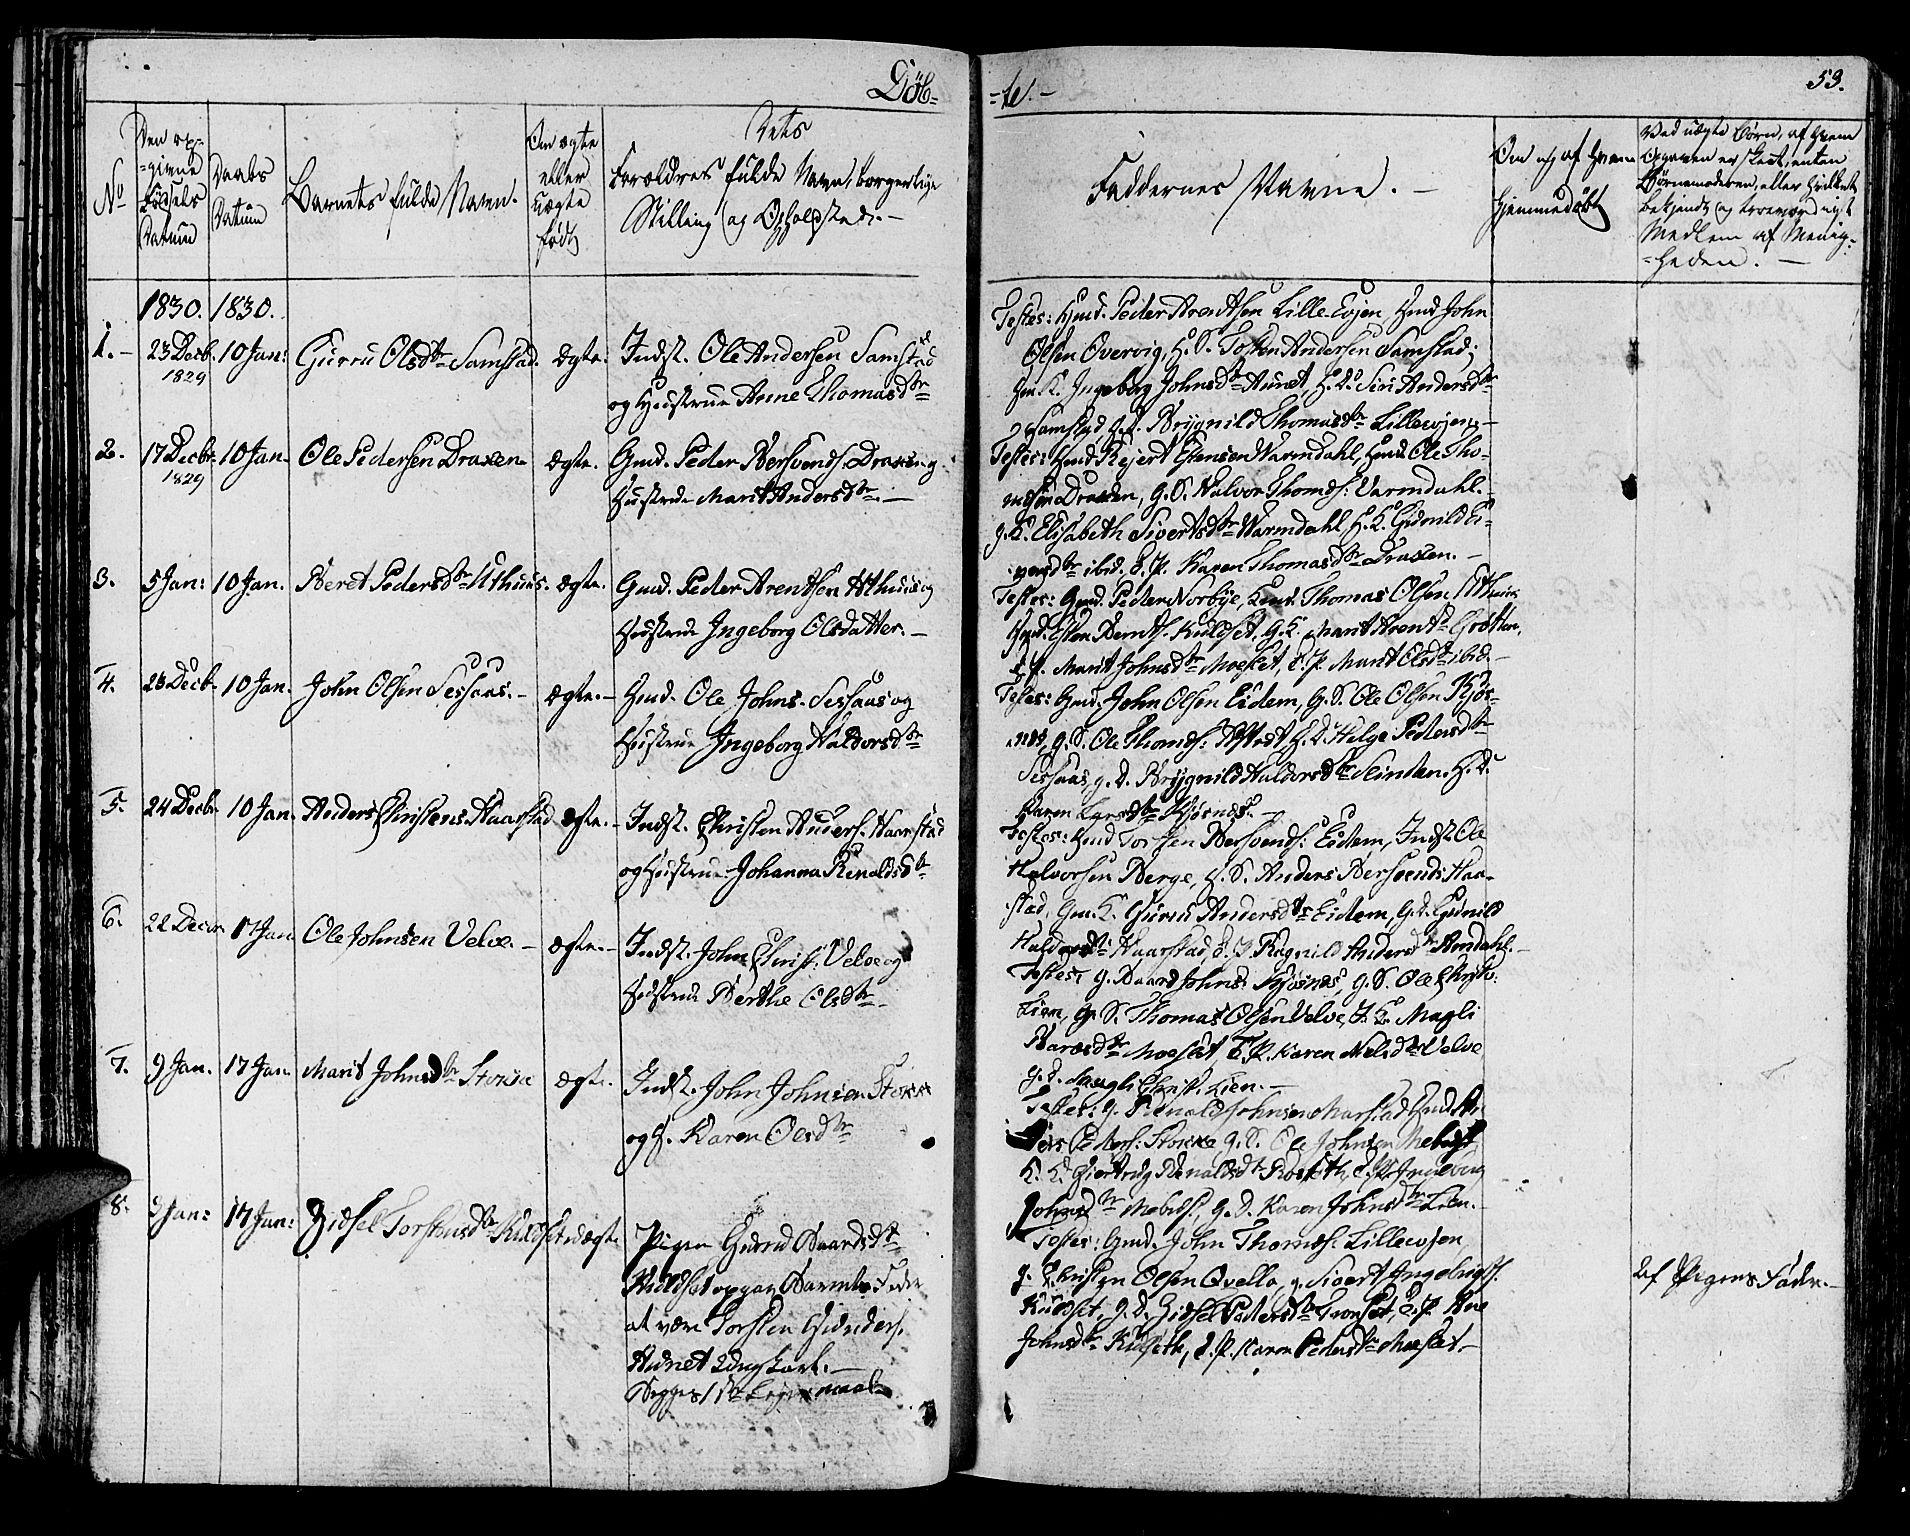 SAT, Ministerialprotokoller, klokkerbøker og fødselsregistre - Sør-Trøndelag, 695/L1143: Ministerialbok nr. 695A05 /1, 1824-1842, s. 53